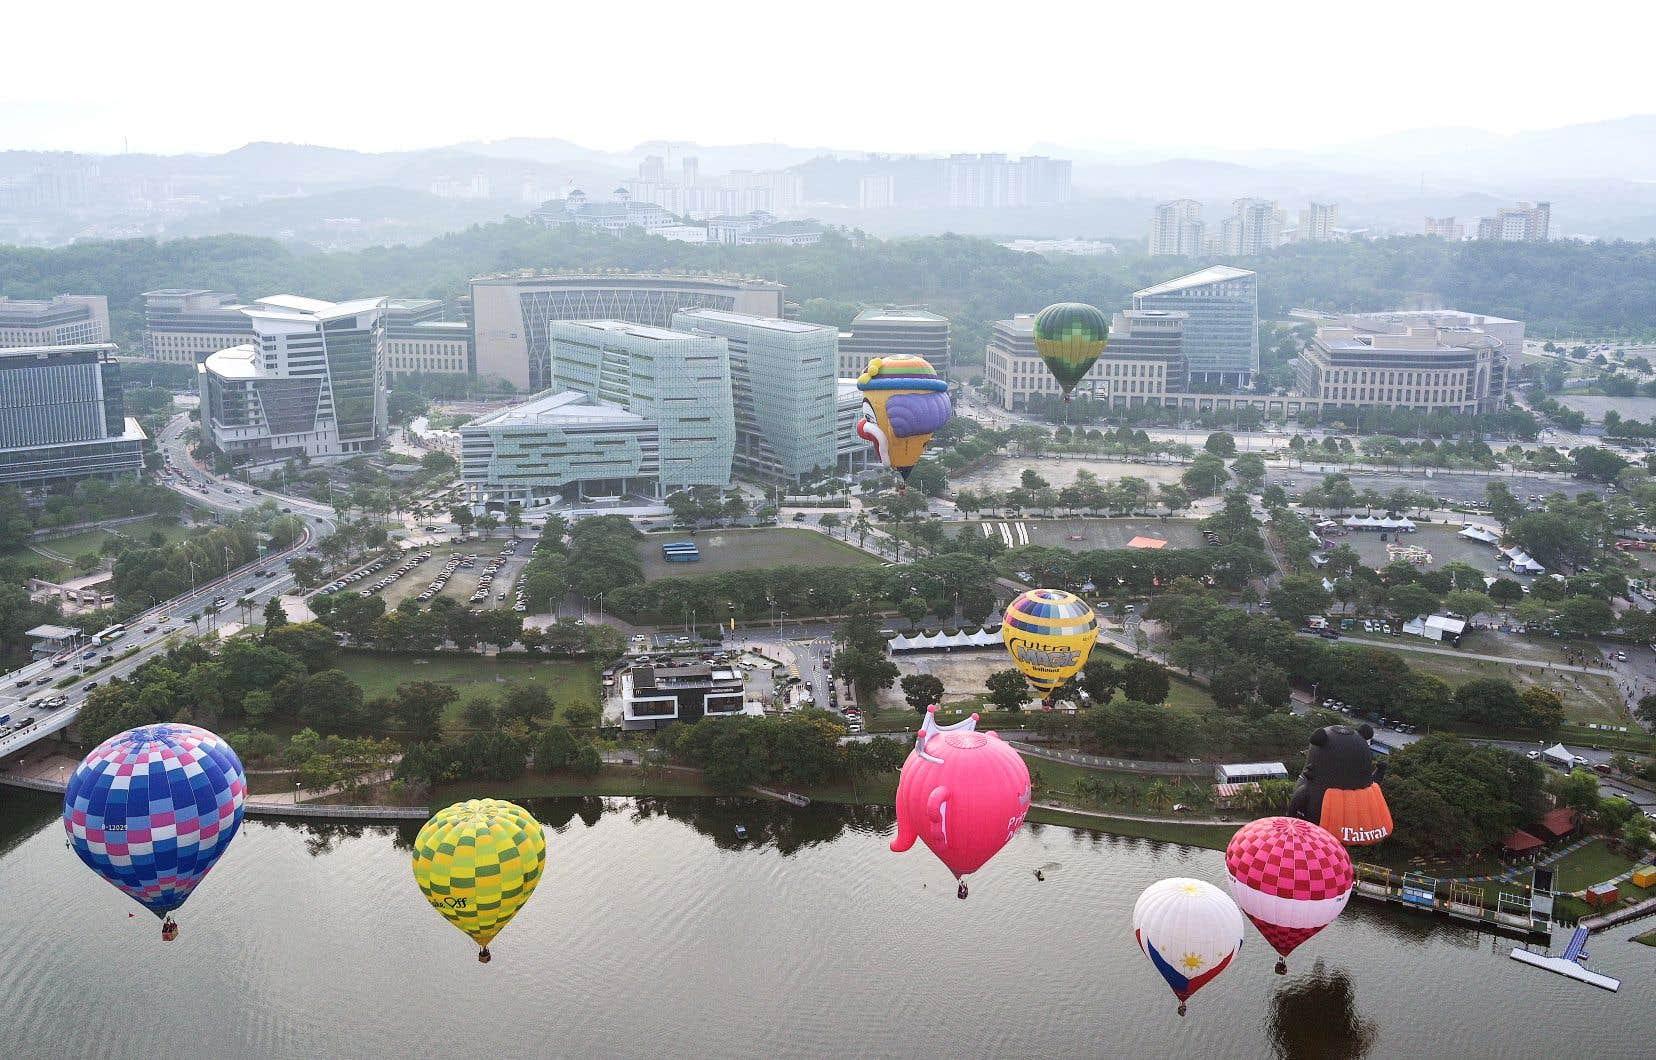 Des montgolfières flottant au-dessus de Putrajaya, la nouvelle capitale administrative de Malaisie